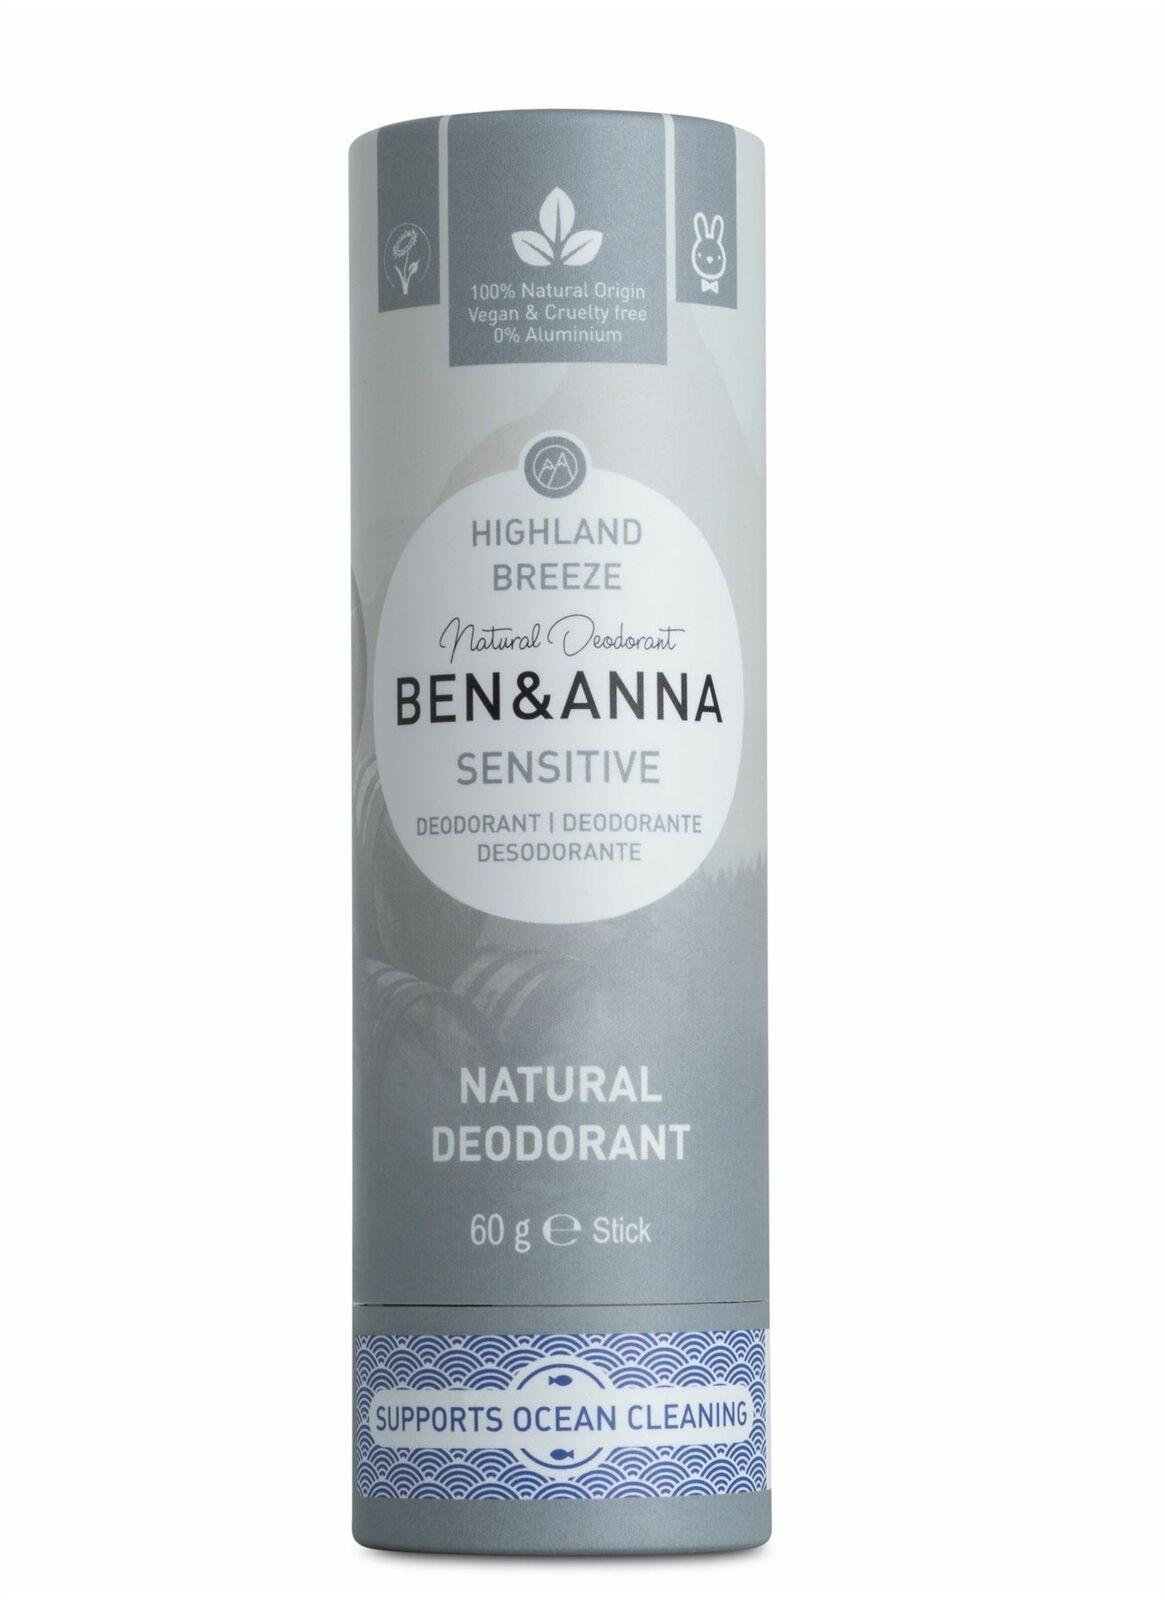 Ben & Anna Sensitive Highland Breeze